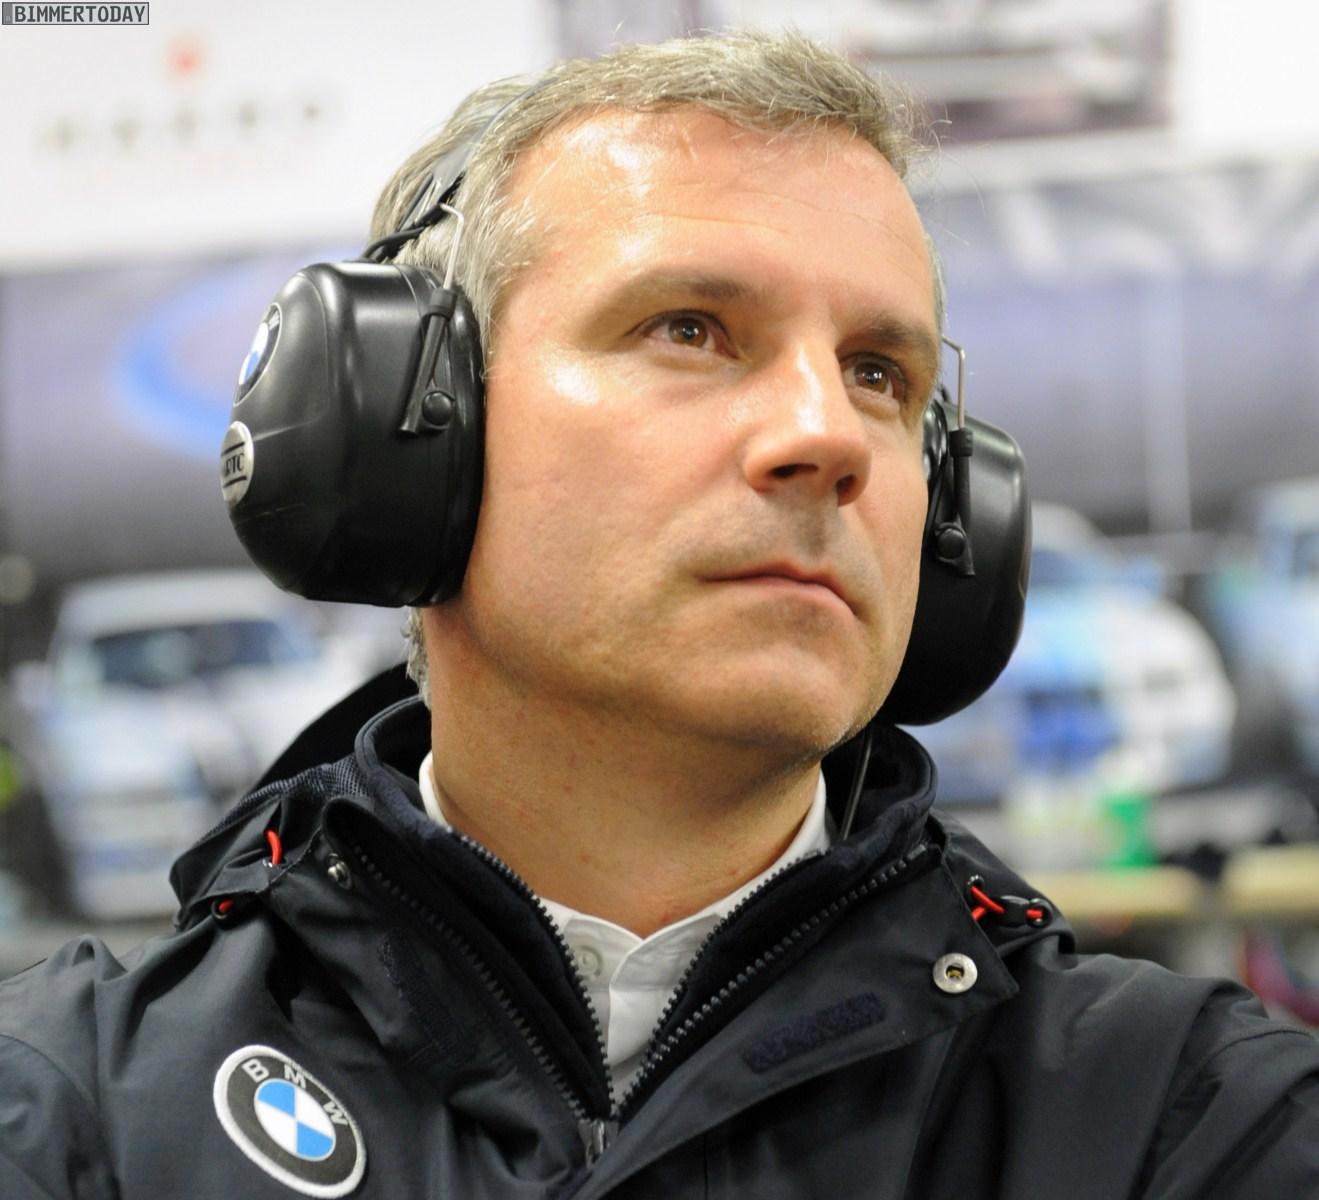 BMW Motorsport Jens Marquardt Kundensport 2012